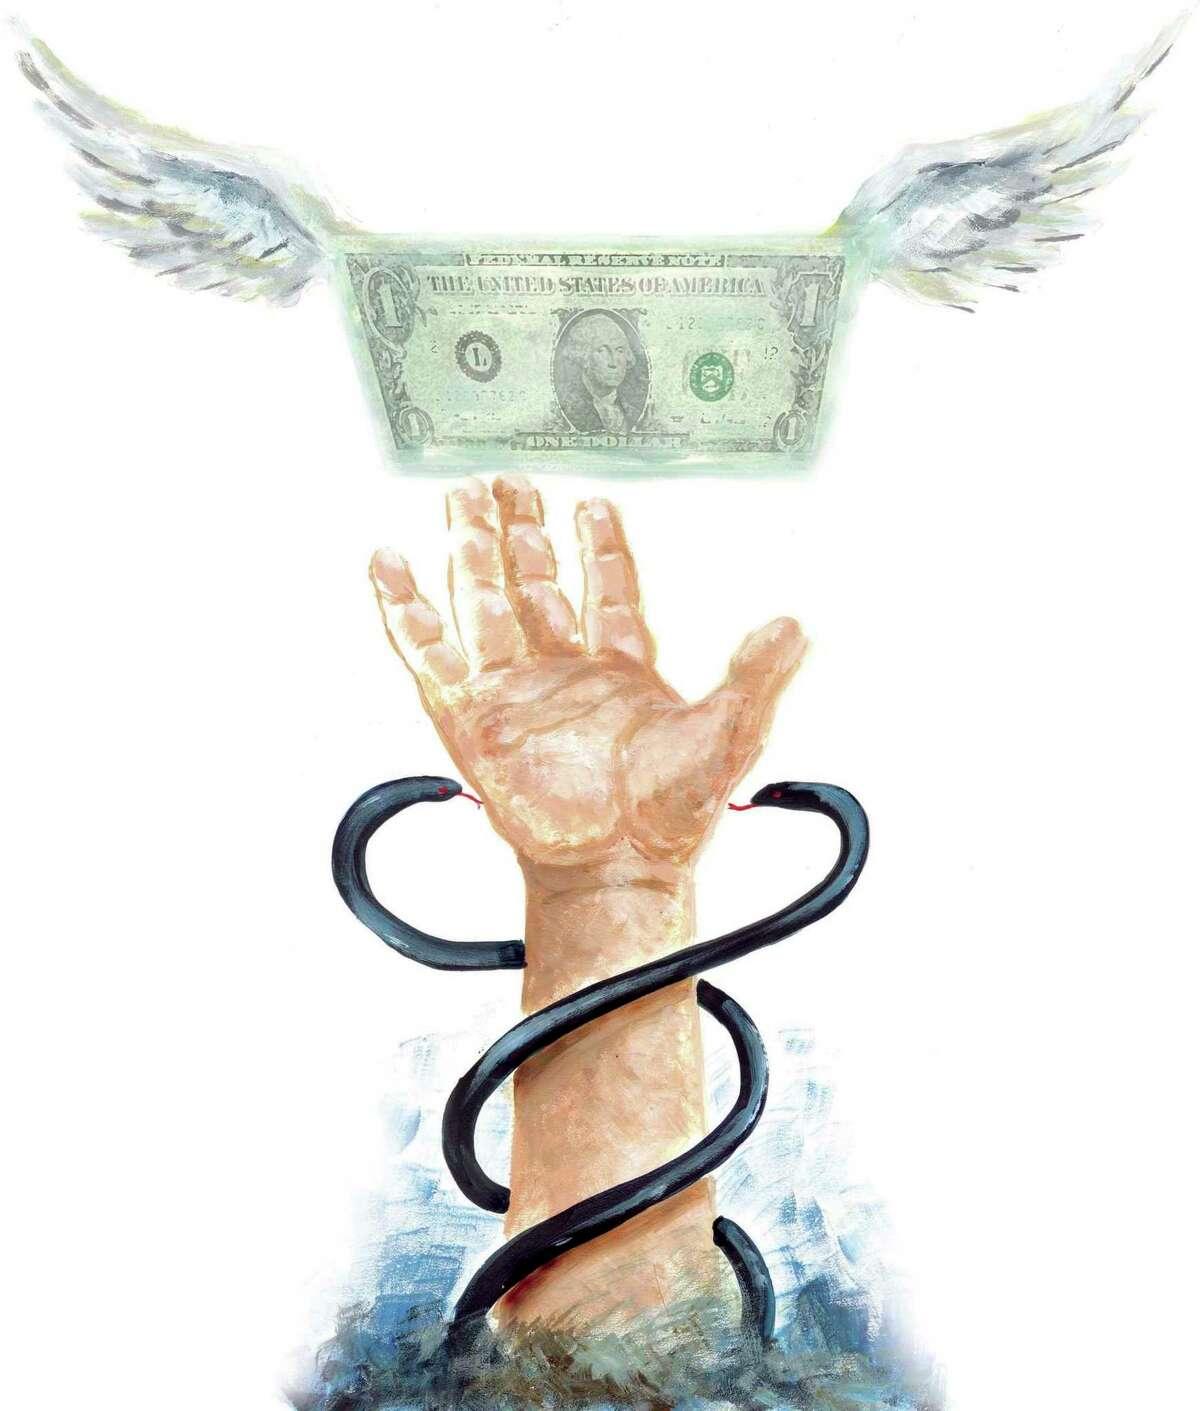 300 dpi SW Parra color illustration of money flying away from snake-flanked